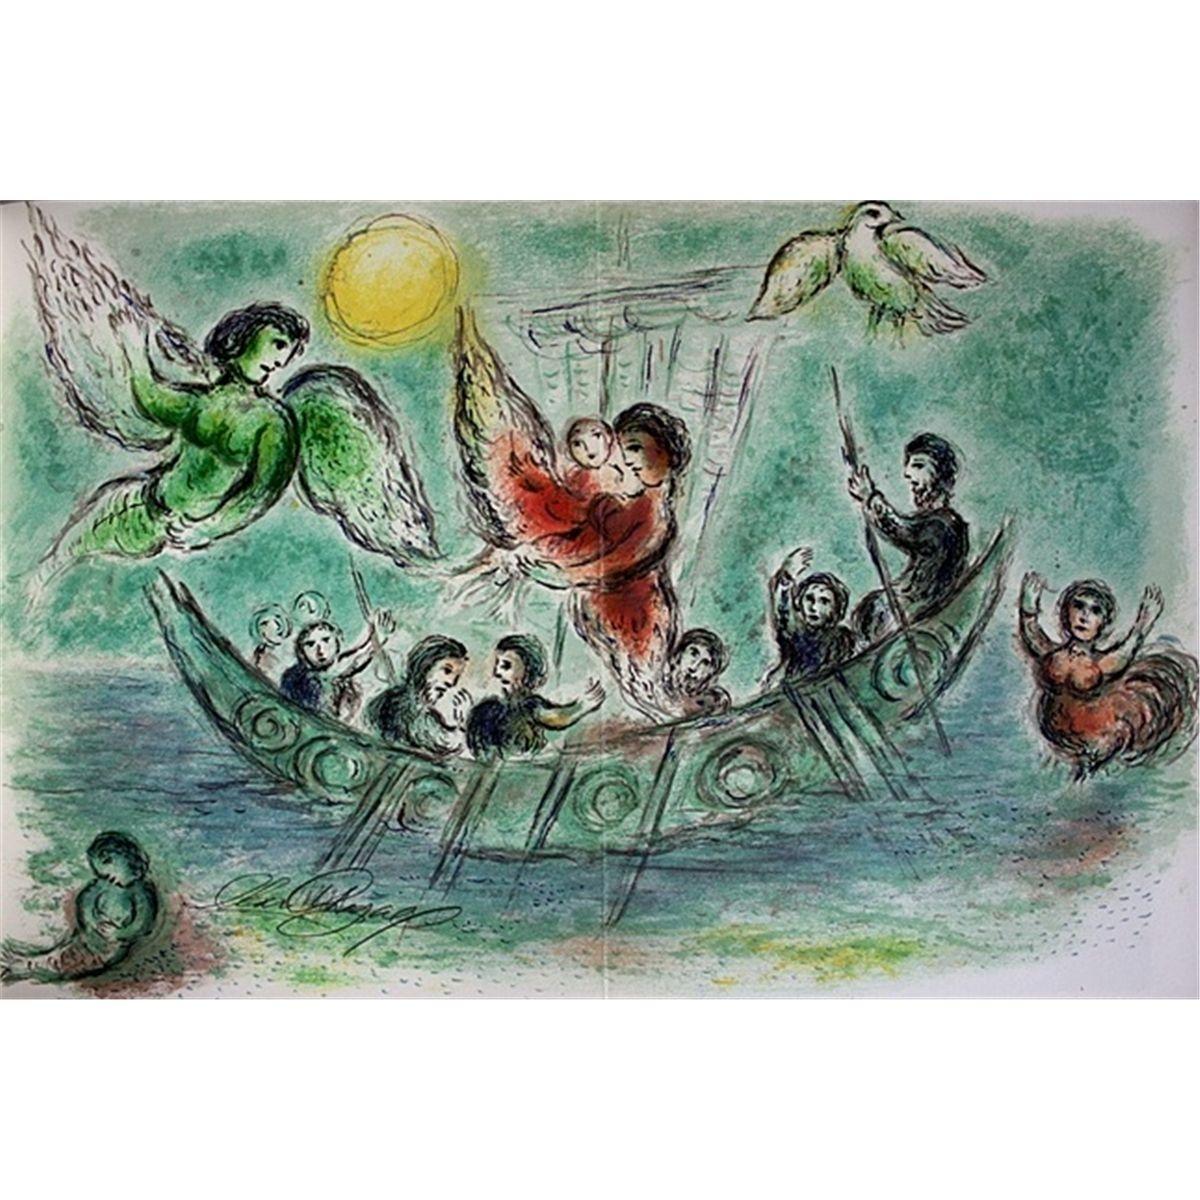 1974 75 Marc Chagall Il Canto Delle Sirene 1874 75